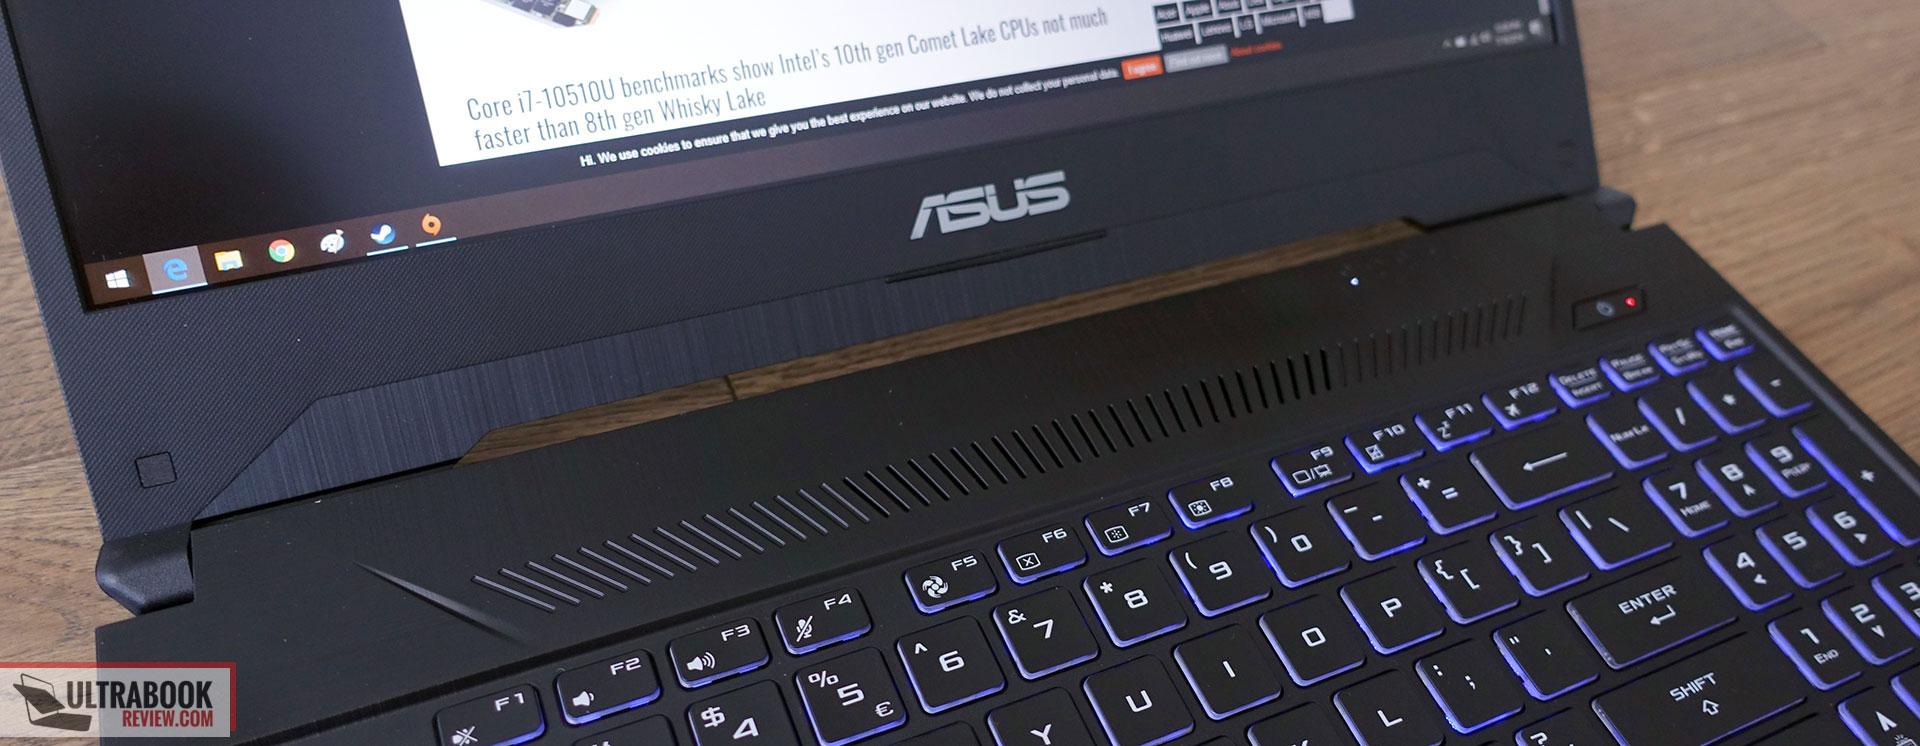 Asus TUF Gaming FX505DV - interior